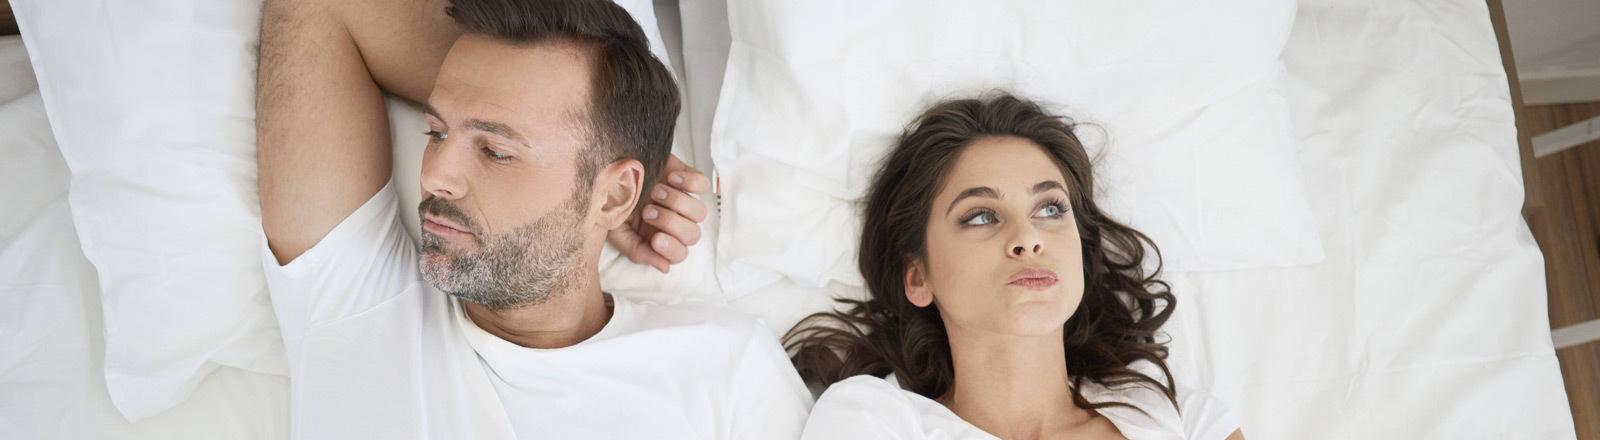 Ein Paar liegt offensichtlich gefrustet im gemeinsamen Bett.